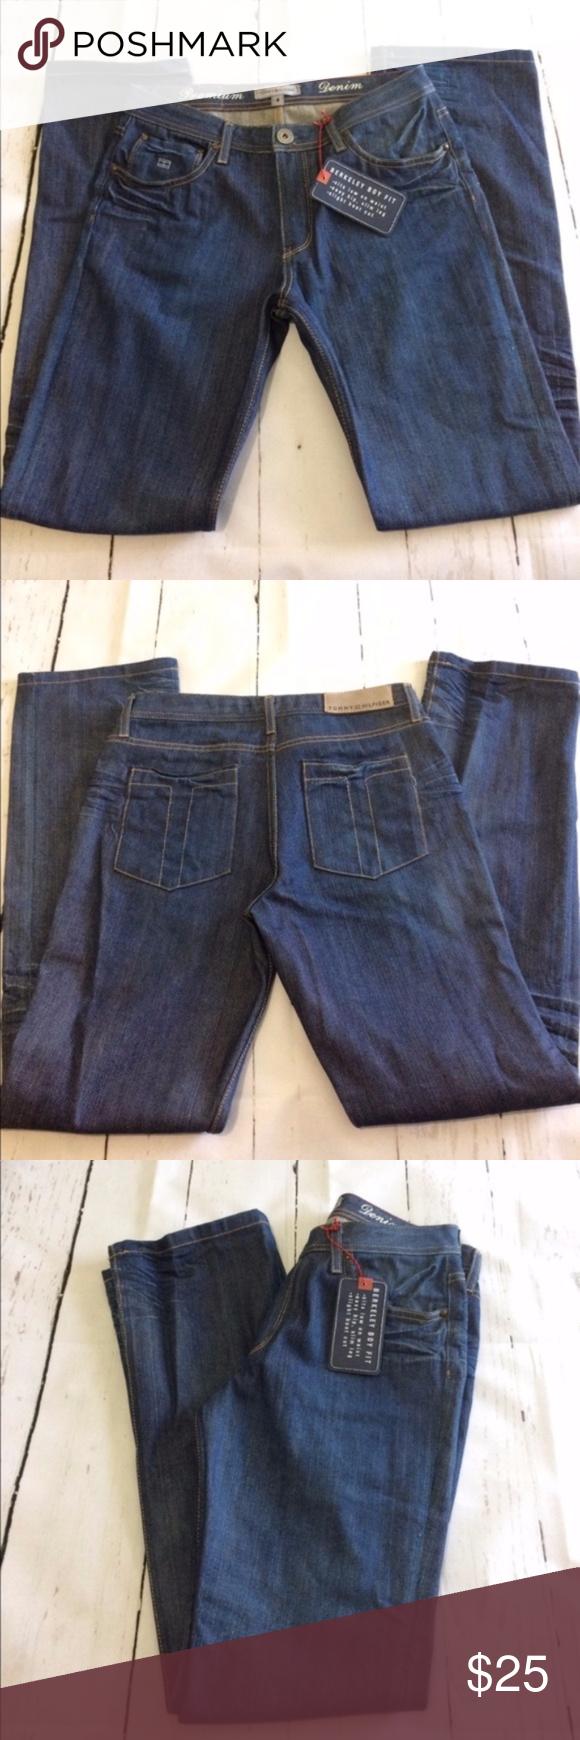 334b96e2 Women's Tommy Hilfiger Berkeley Boy Fit Jeans. Women's Tommy Hilfiger  Berkeley Boy Fit Jeans.